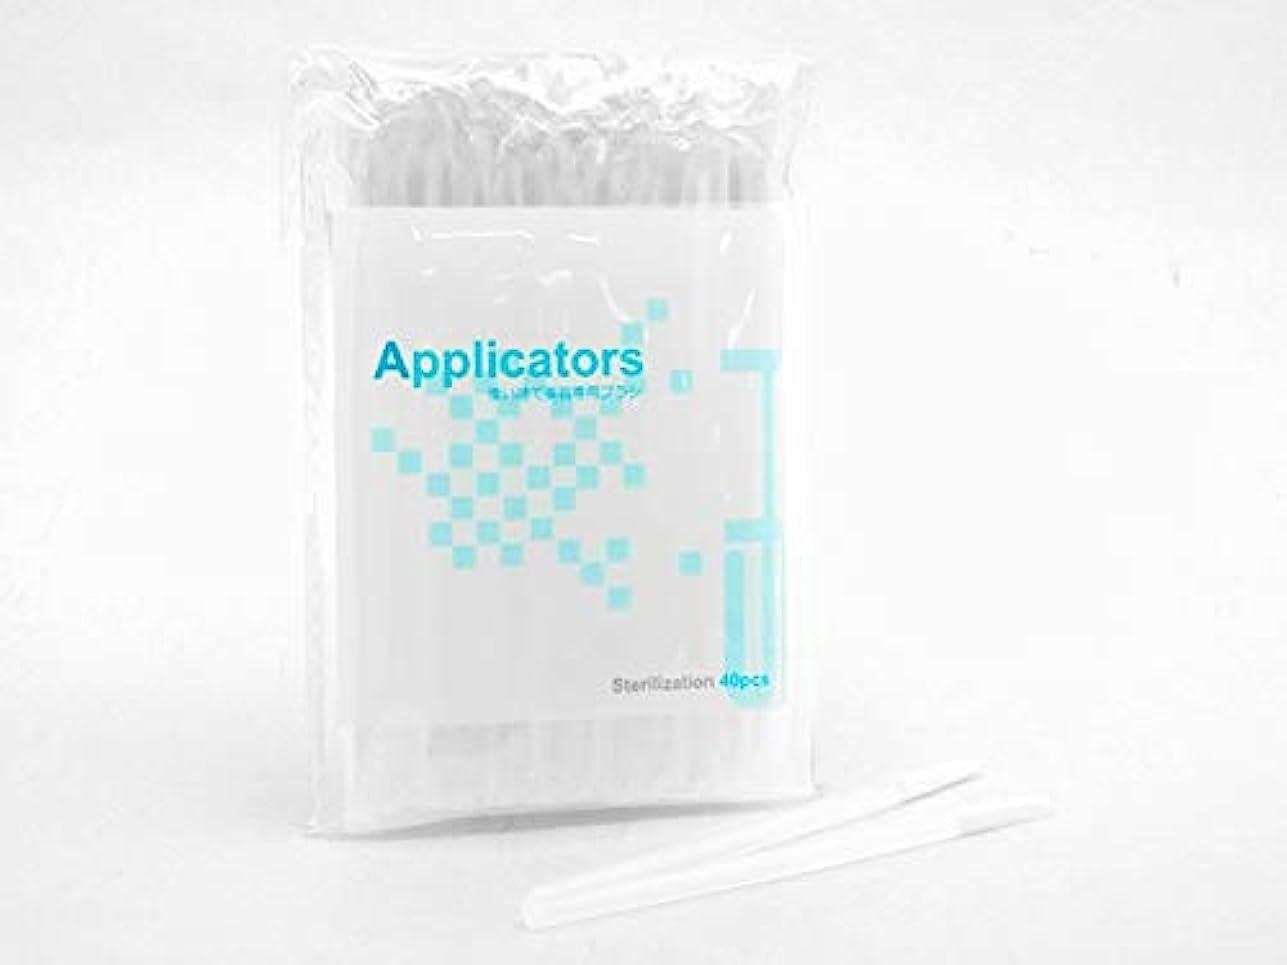 ドライ伝染性カーテンまつ毛美容液 アプリケーター ブラシ 1袋(40本)